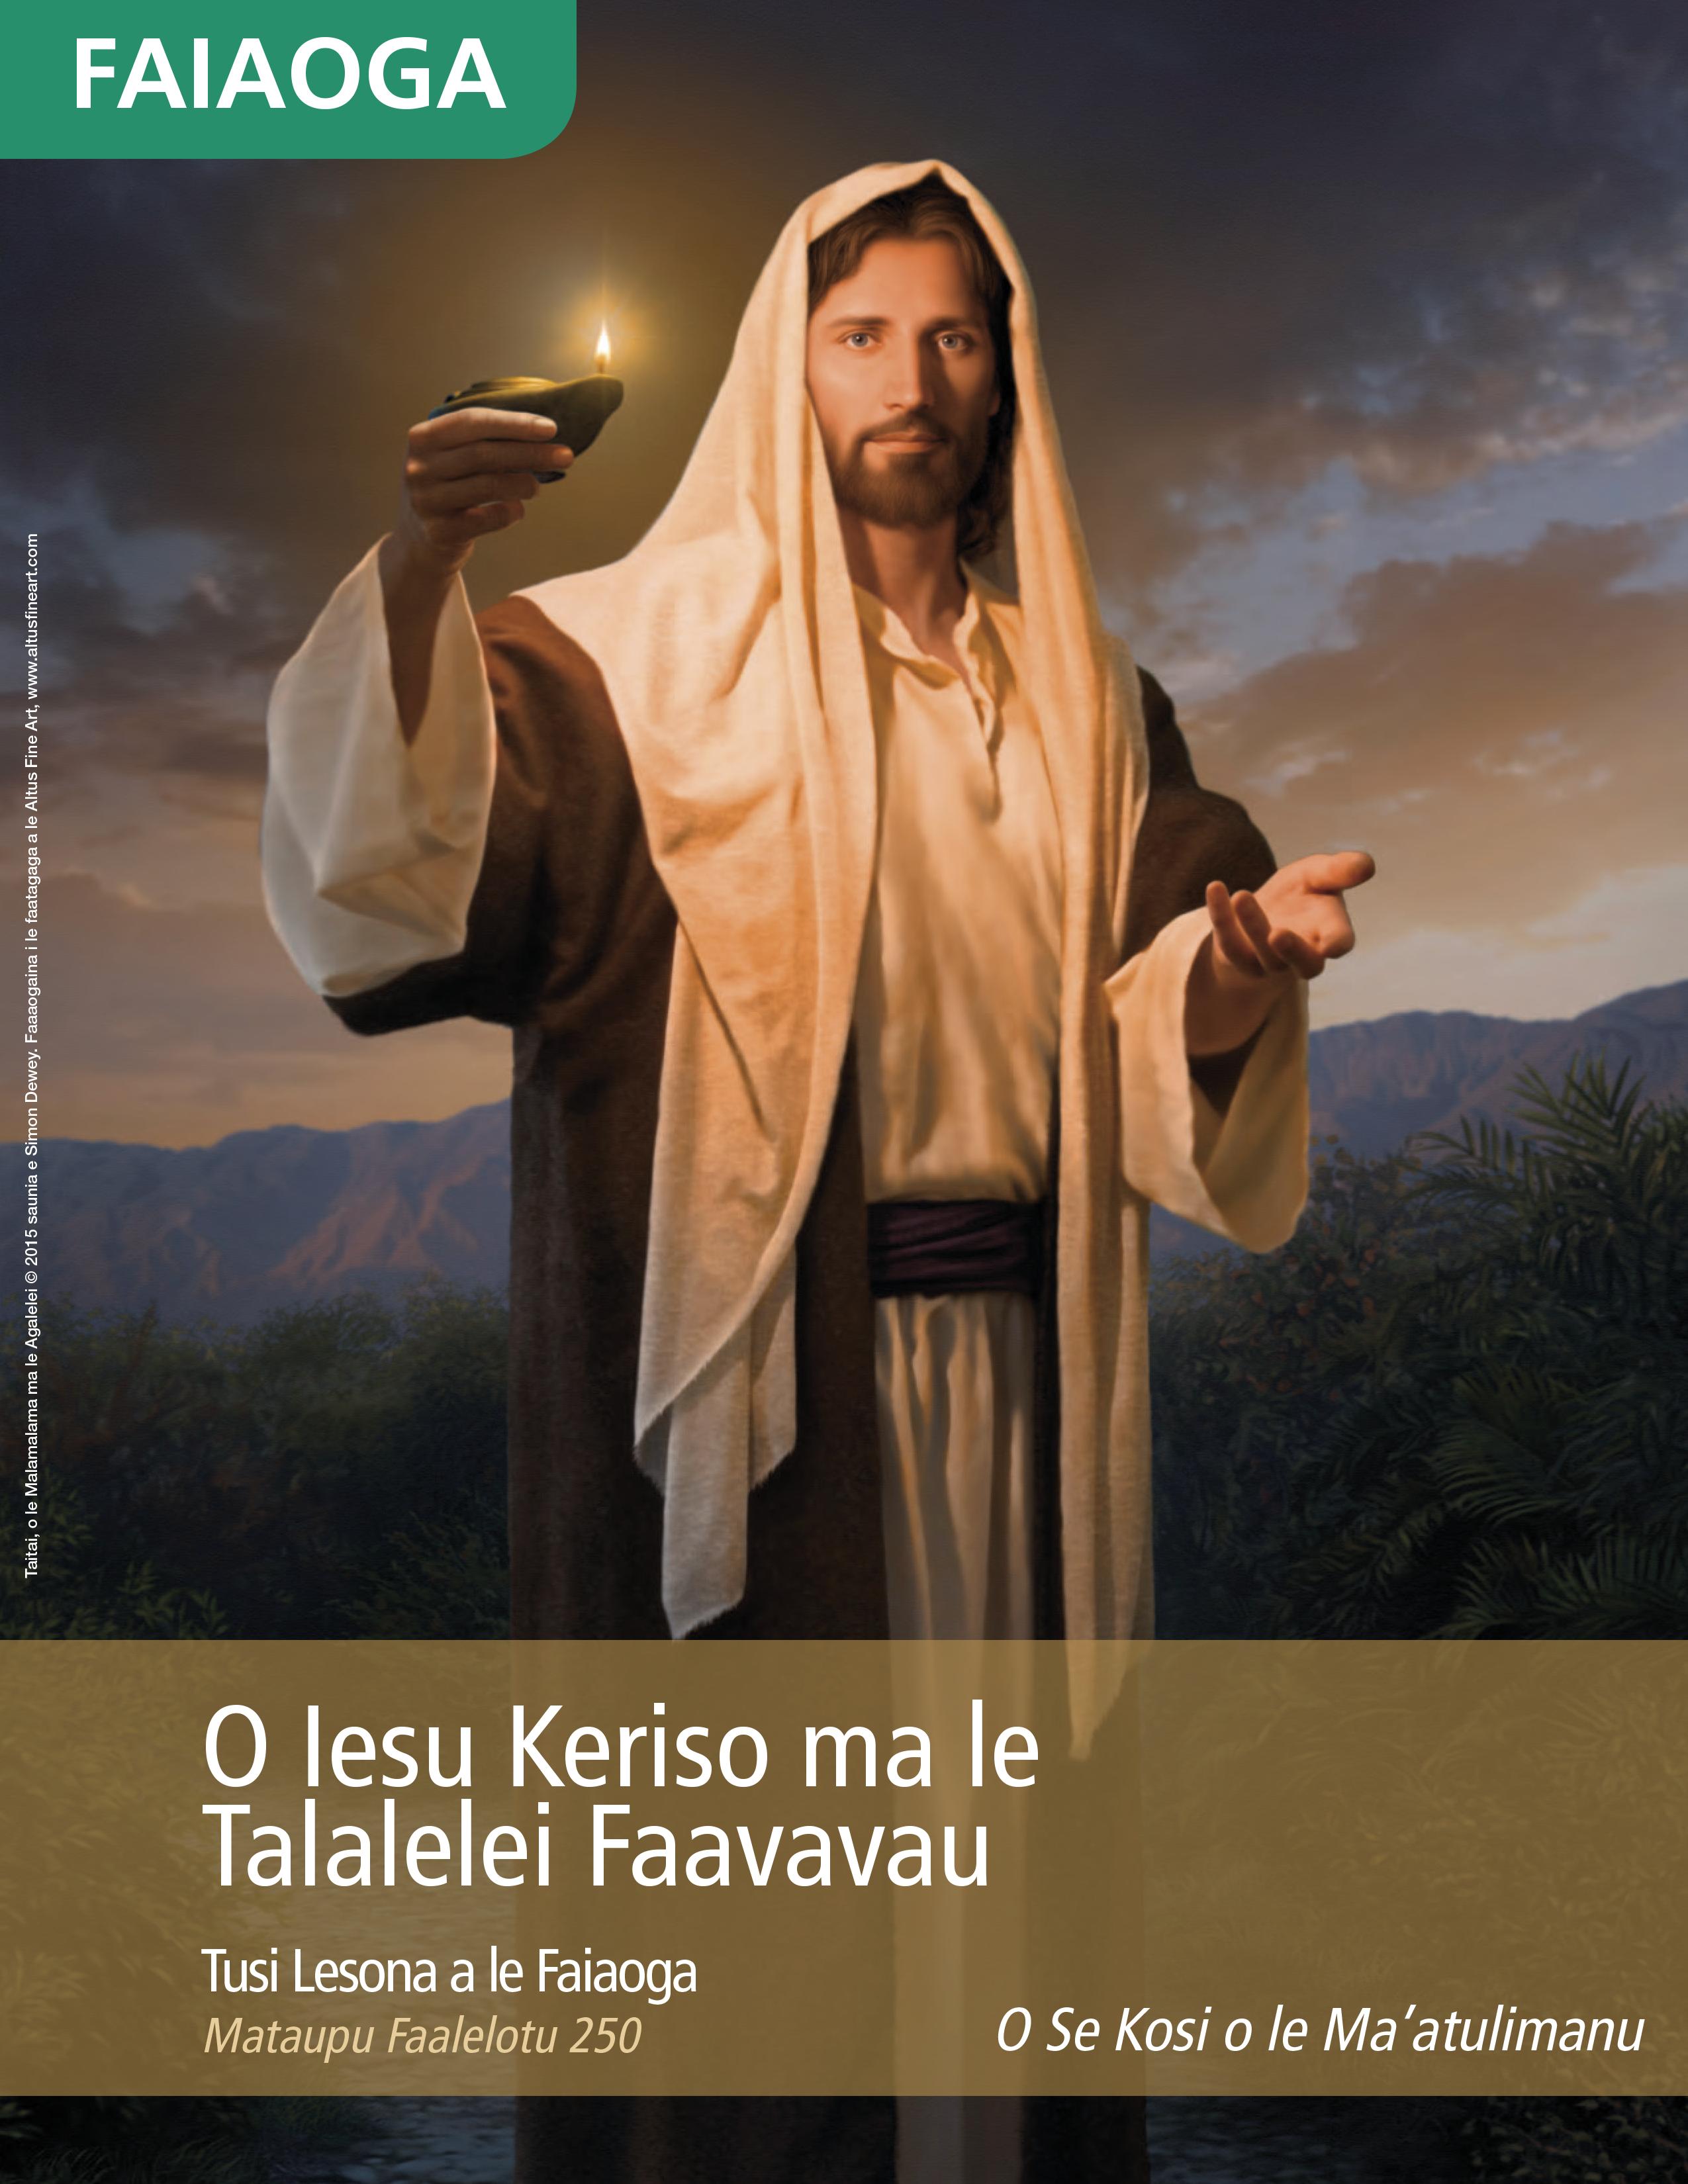 Tusi Lesona a le Faiaoga o le Iesu Keriso ma le Talalelei Faavavau (Mataupu Faalelotu 250)